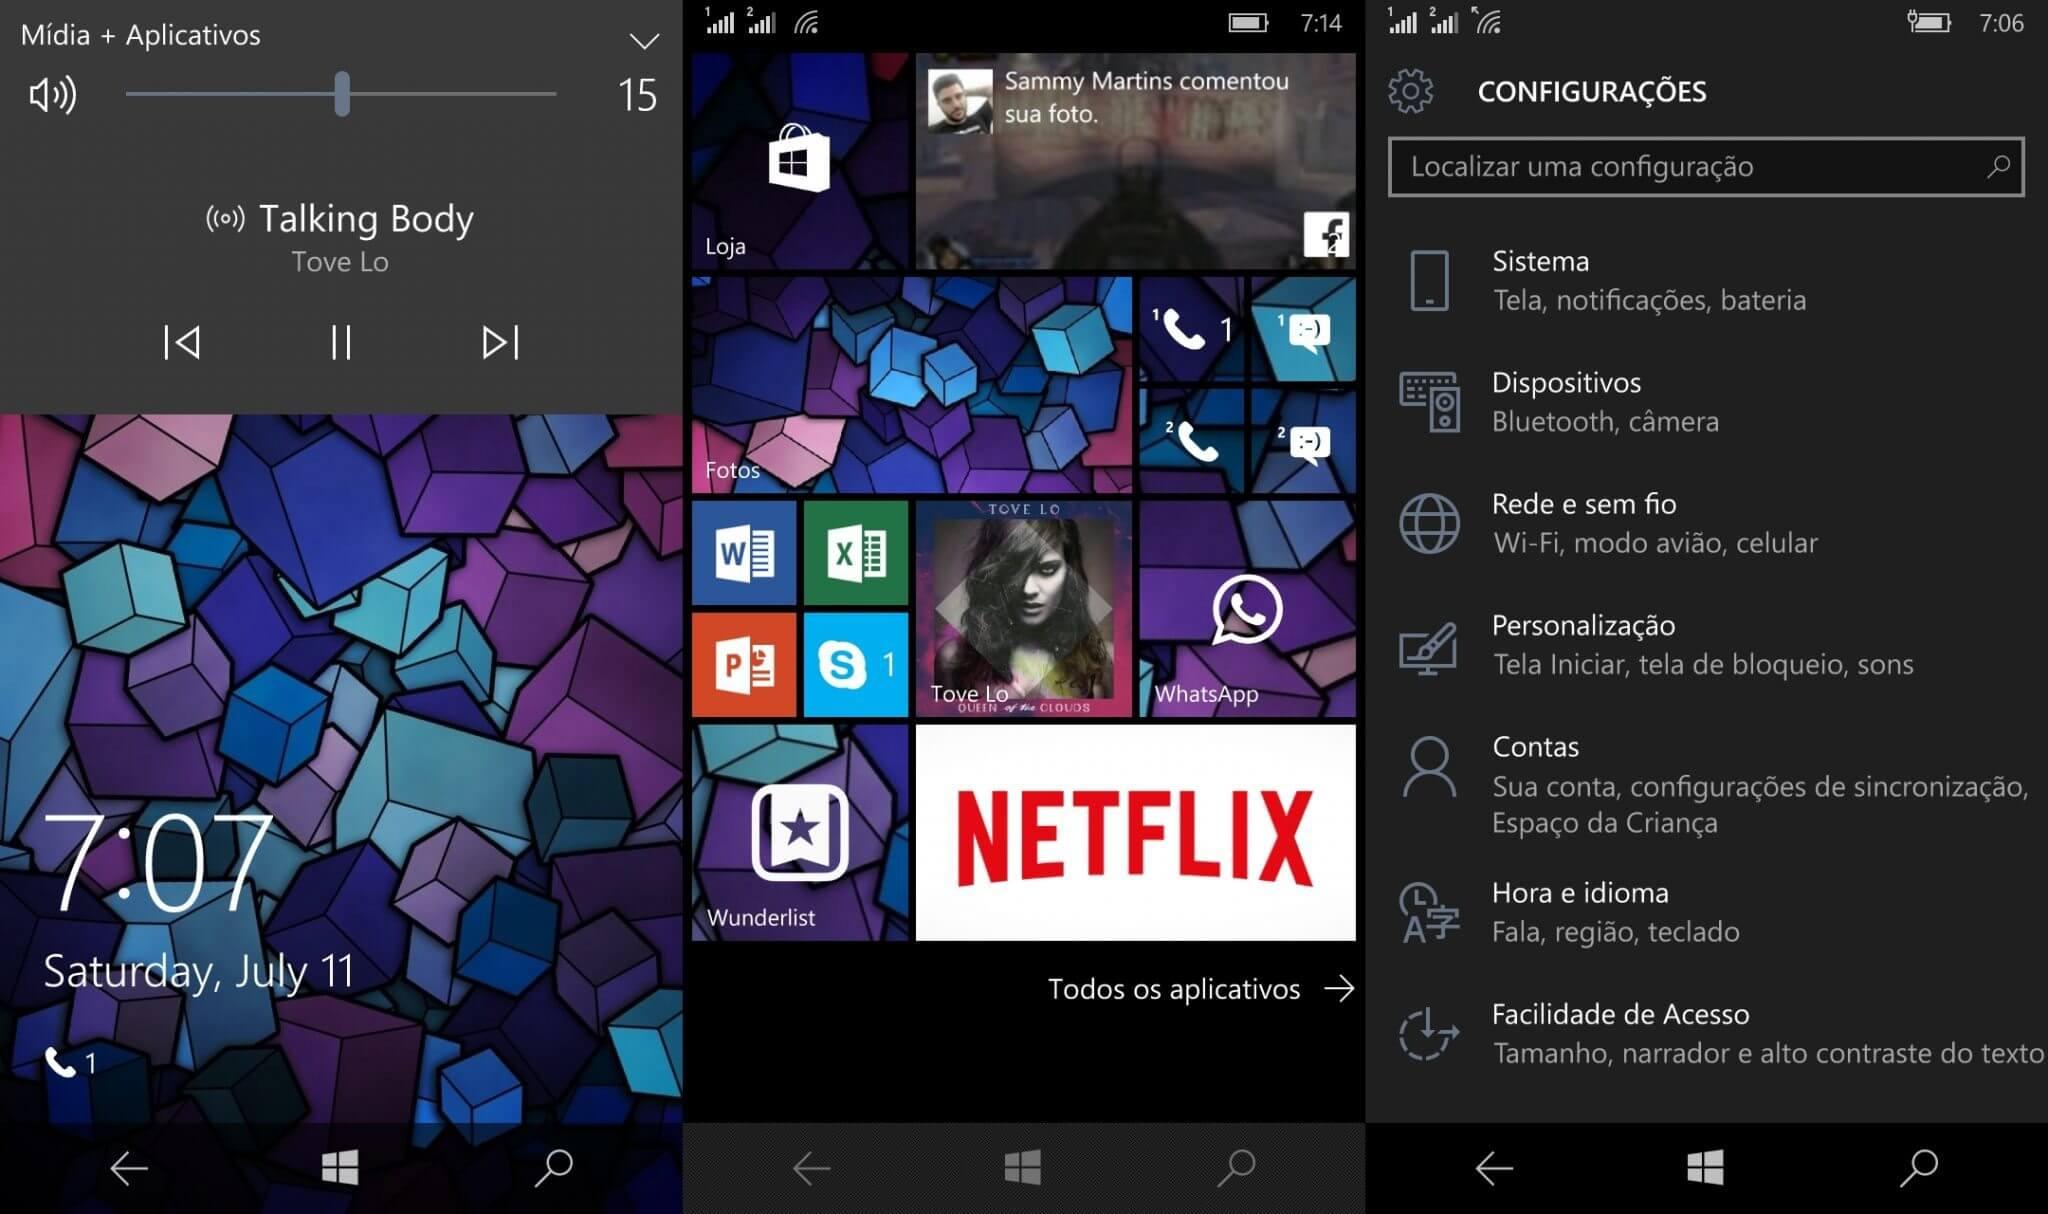 wp ss 20150711 0015 horz - Conheça algumas das melhores novidades do Windows 10 Mobile